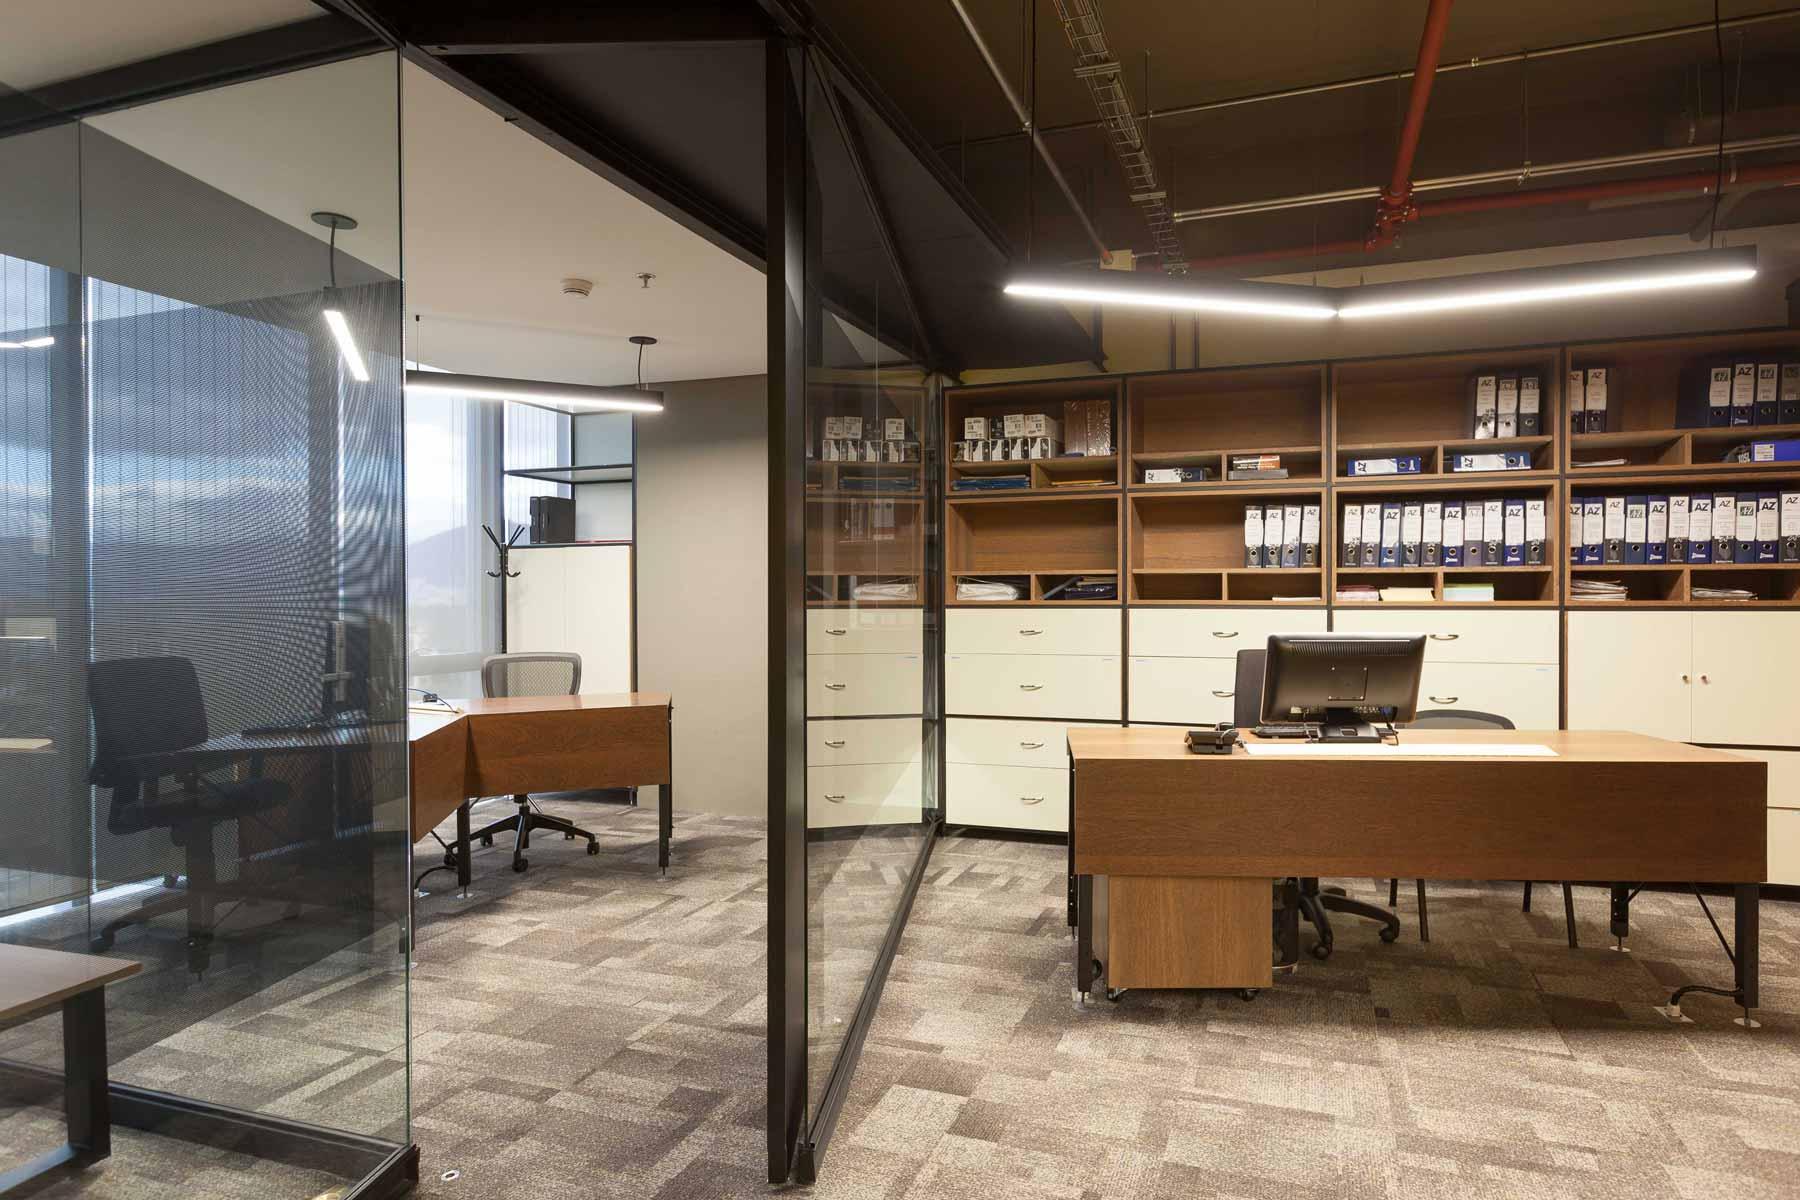 Oficinas Mafel 2017